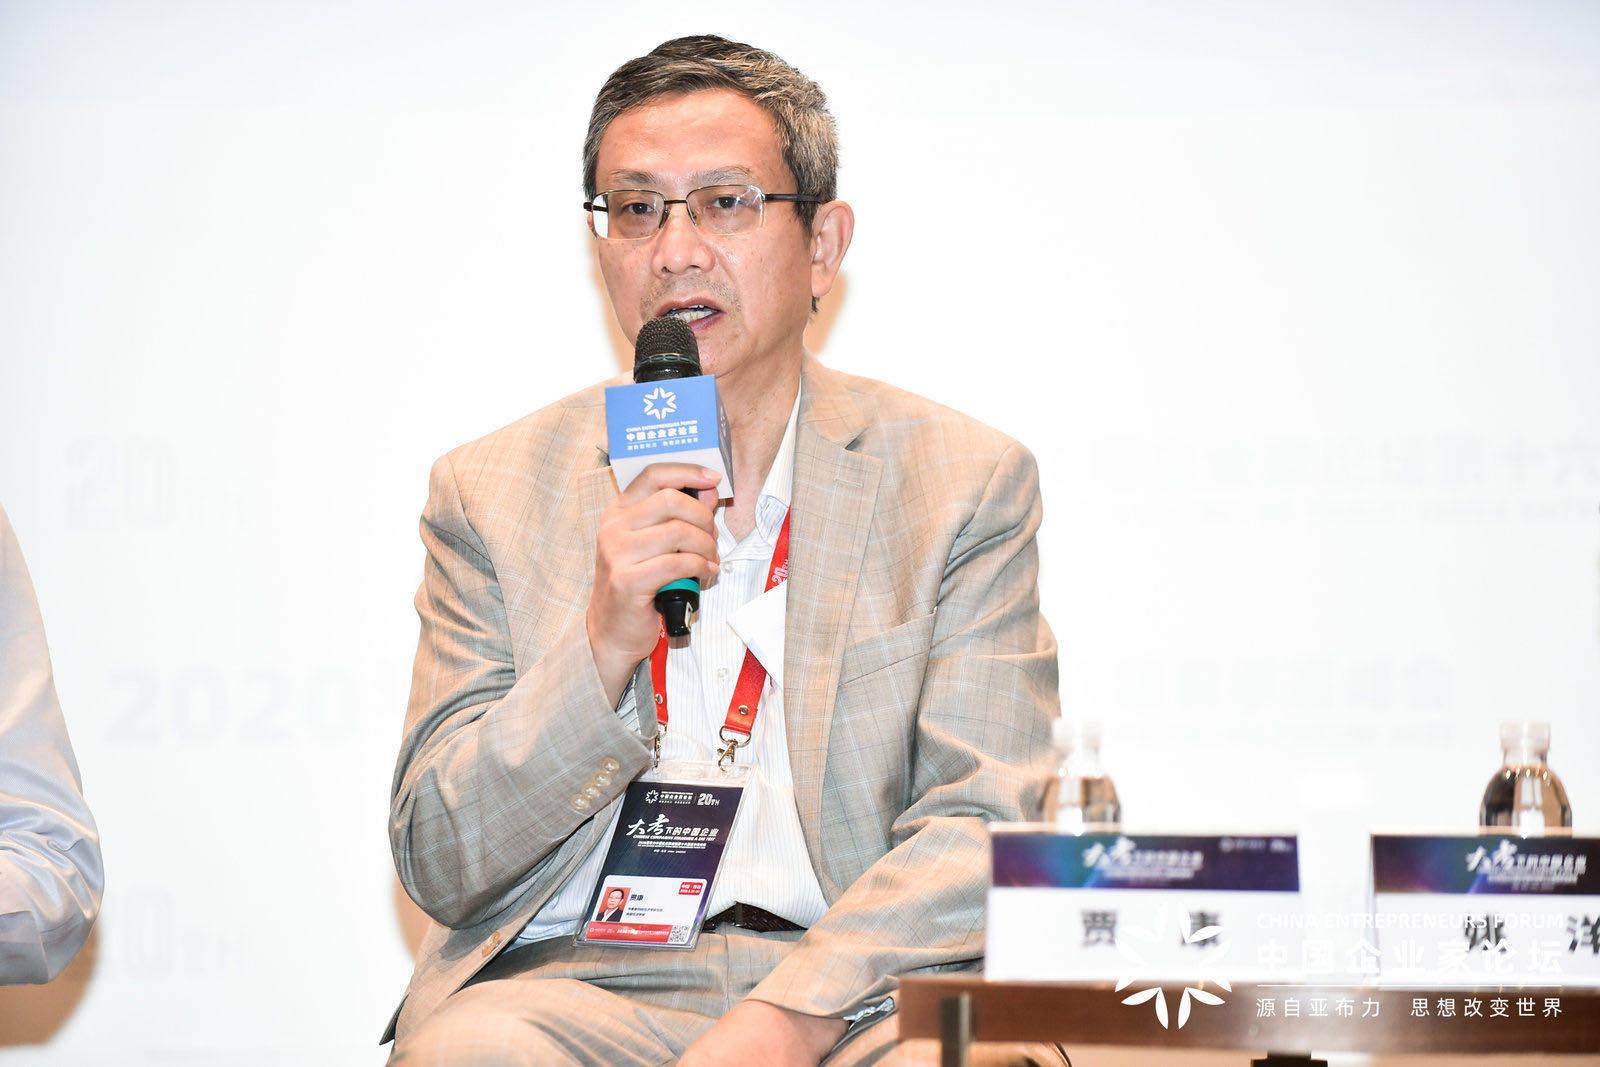 贾康:中国市场主体达1.3亿,小微企业新增就业占比90%以上